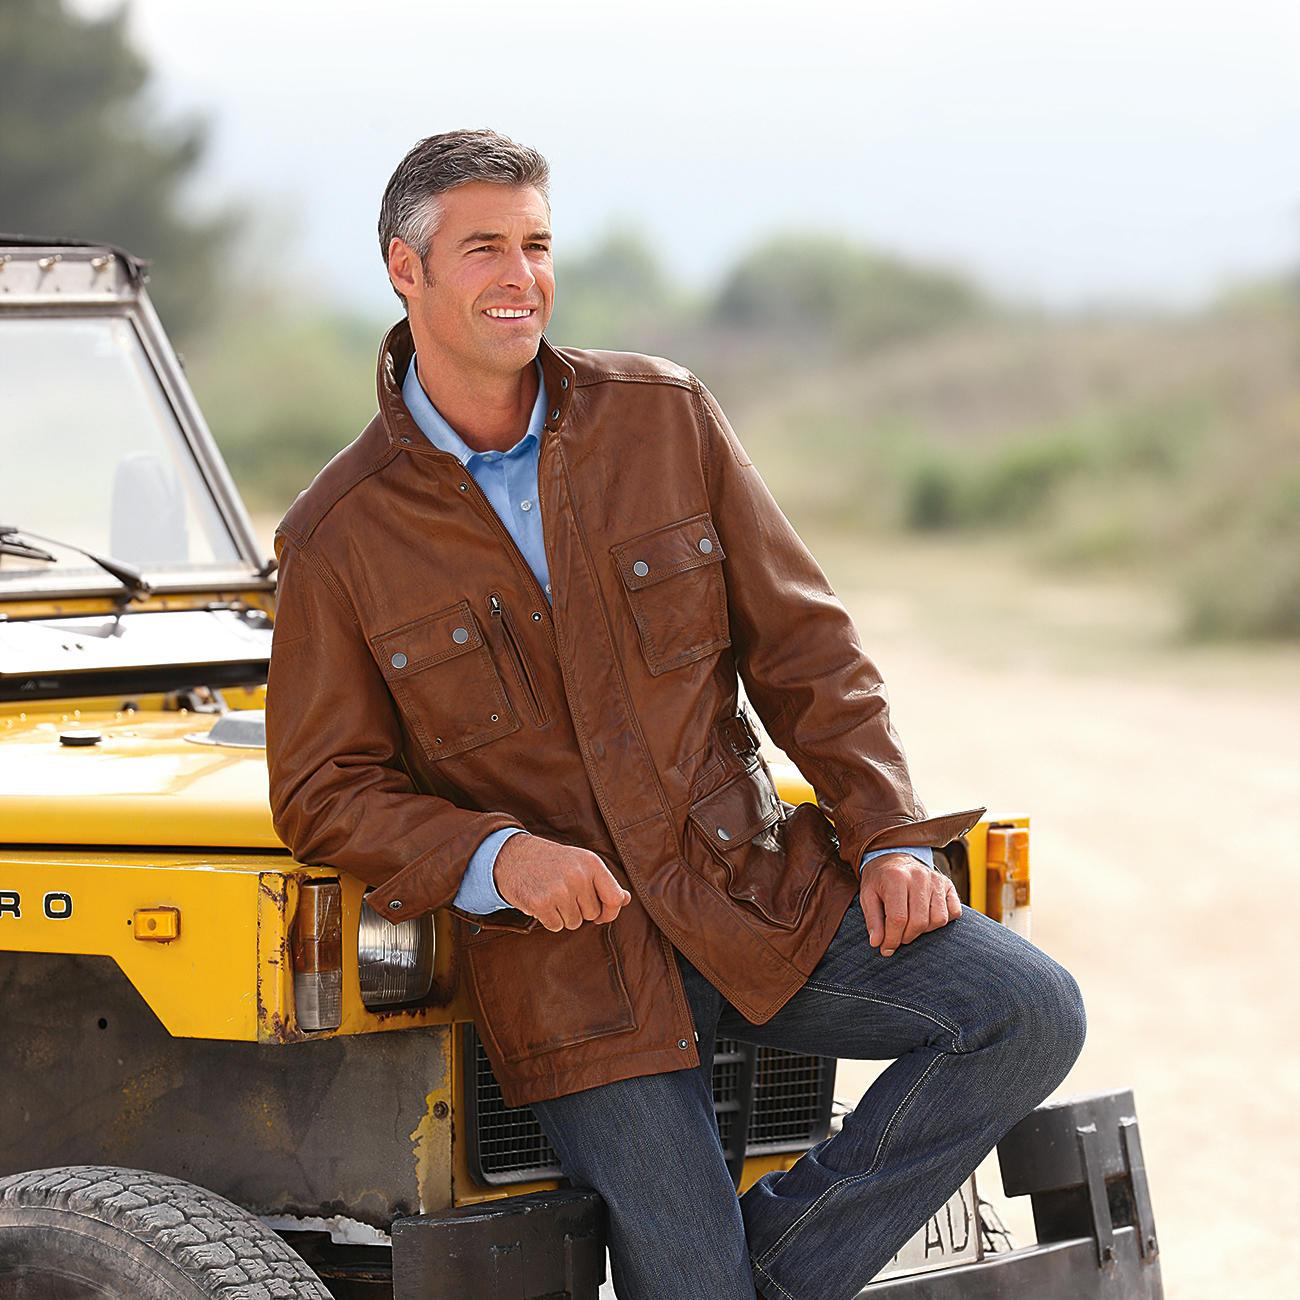 Buy Lights Online Nz: Buy Lambskin Leather Field Jacket Online